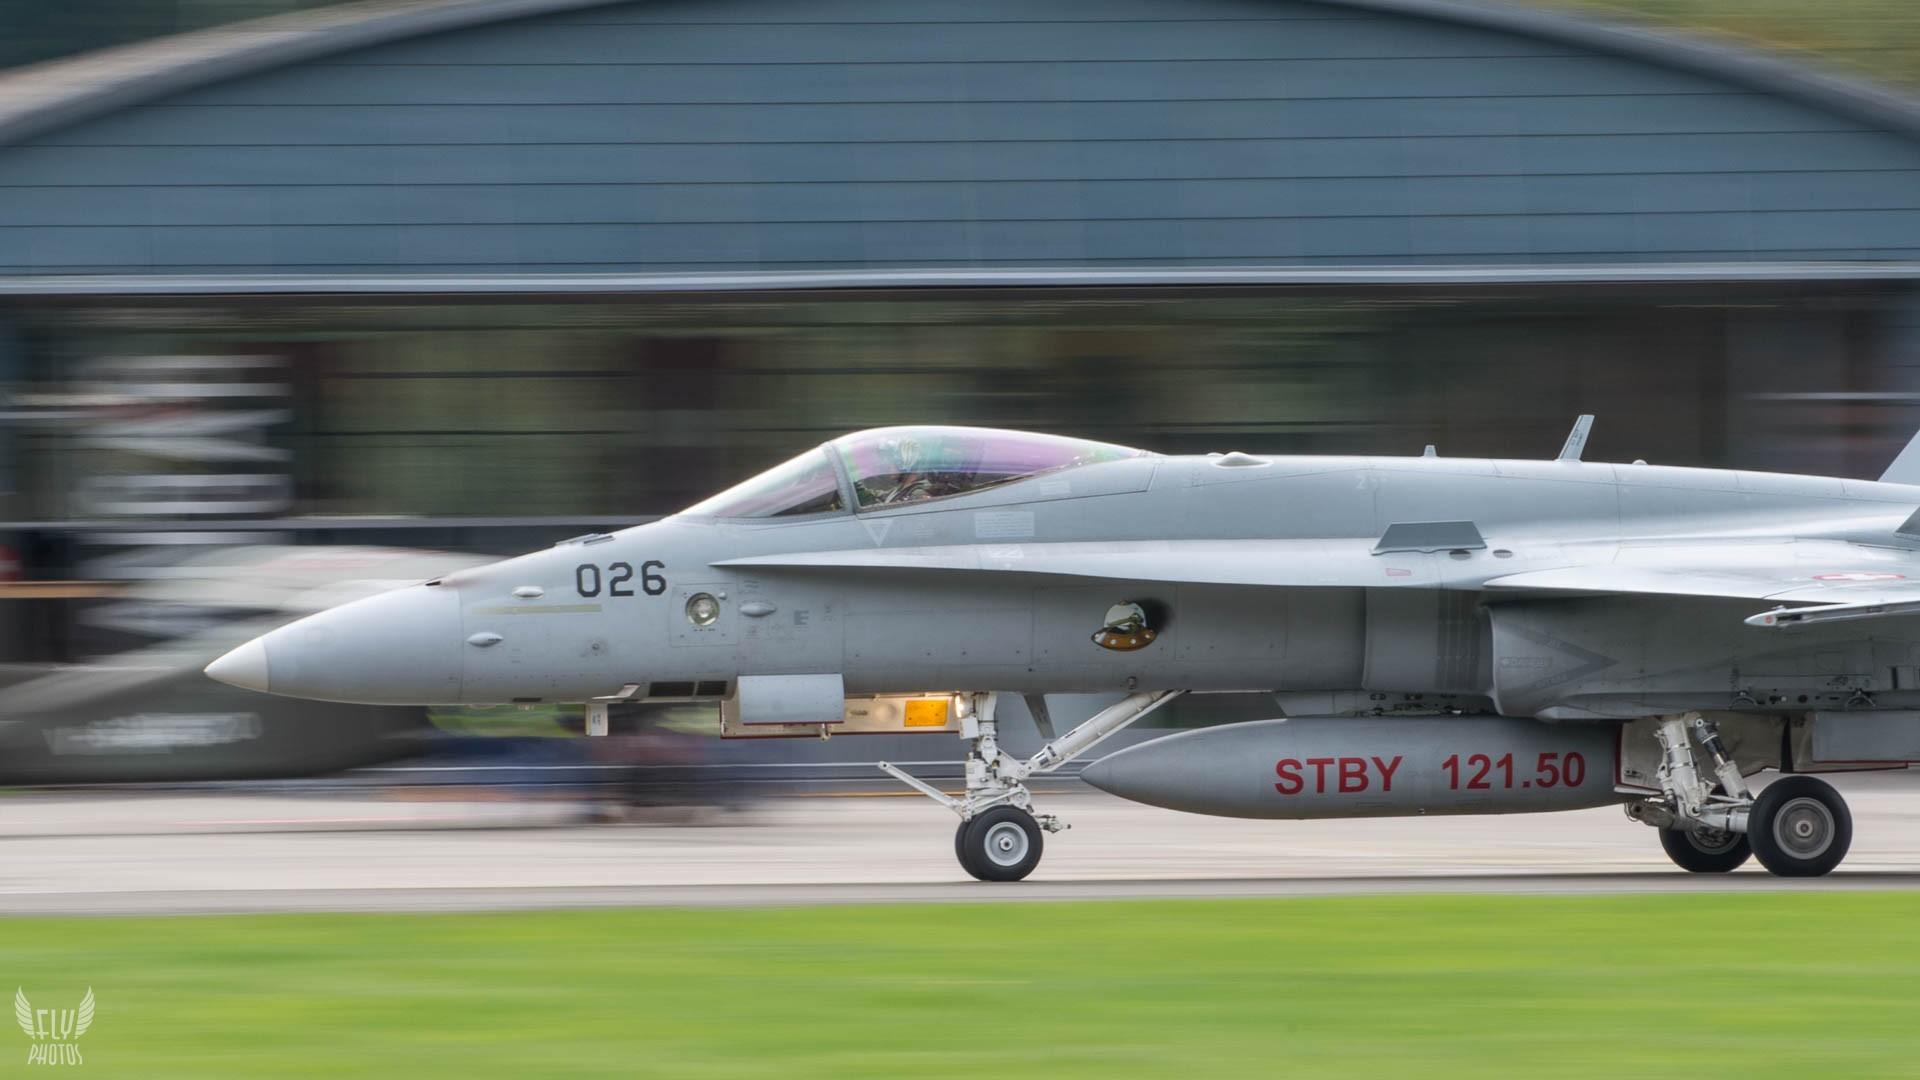 Photo of the day: cruising around in my Hornet